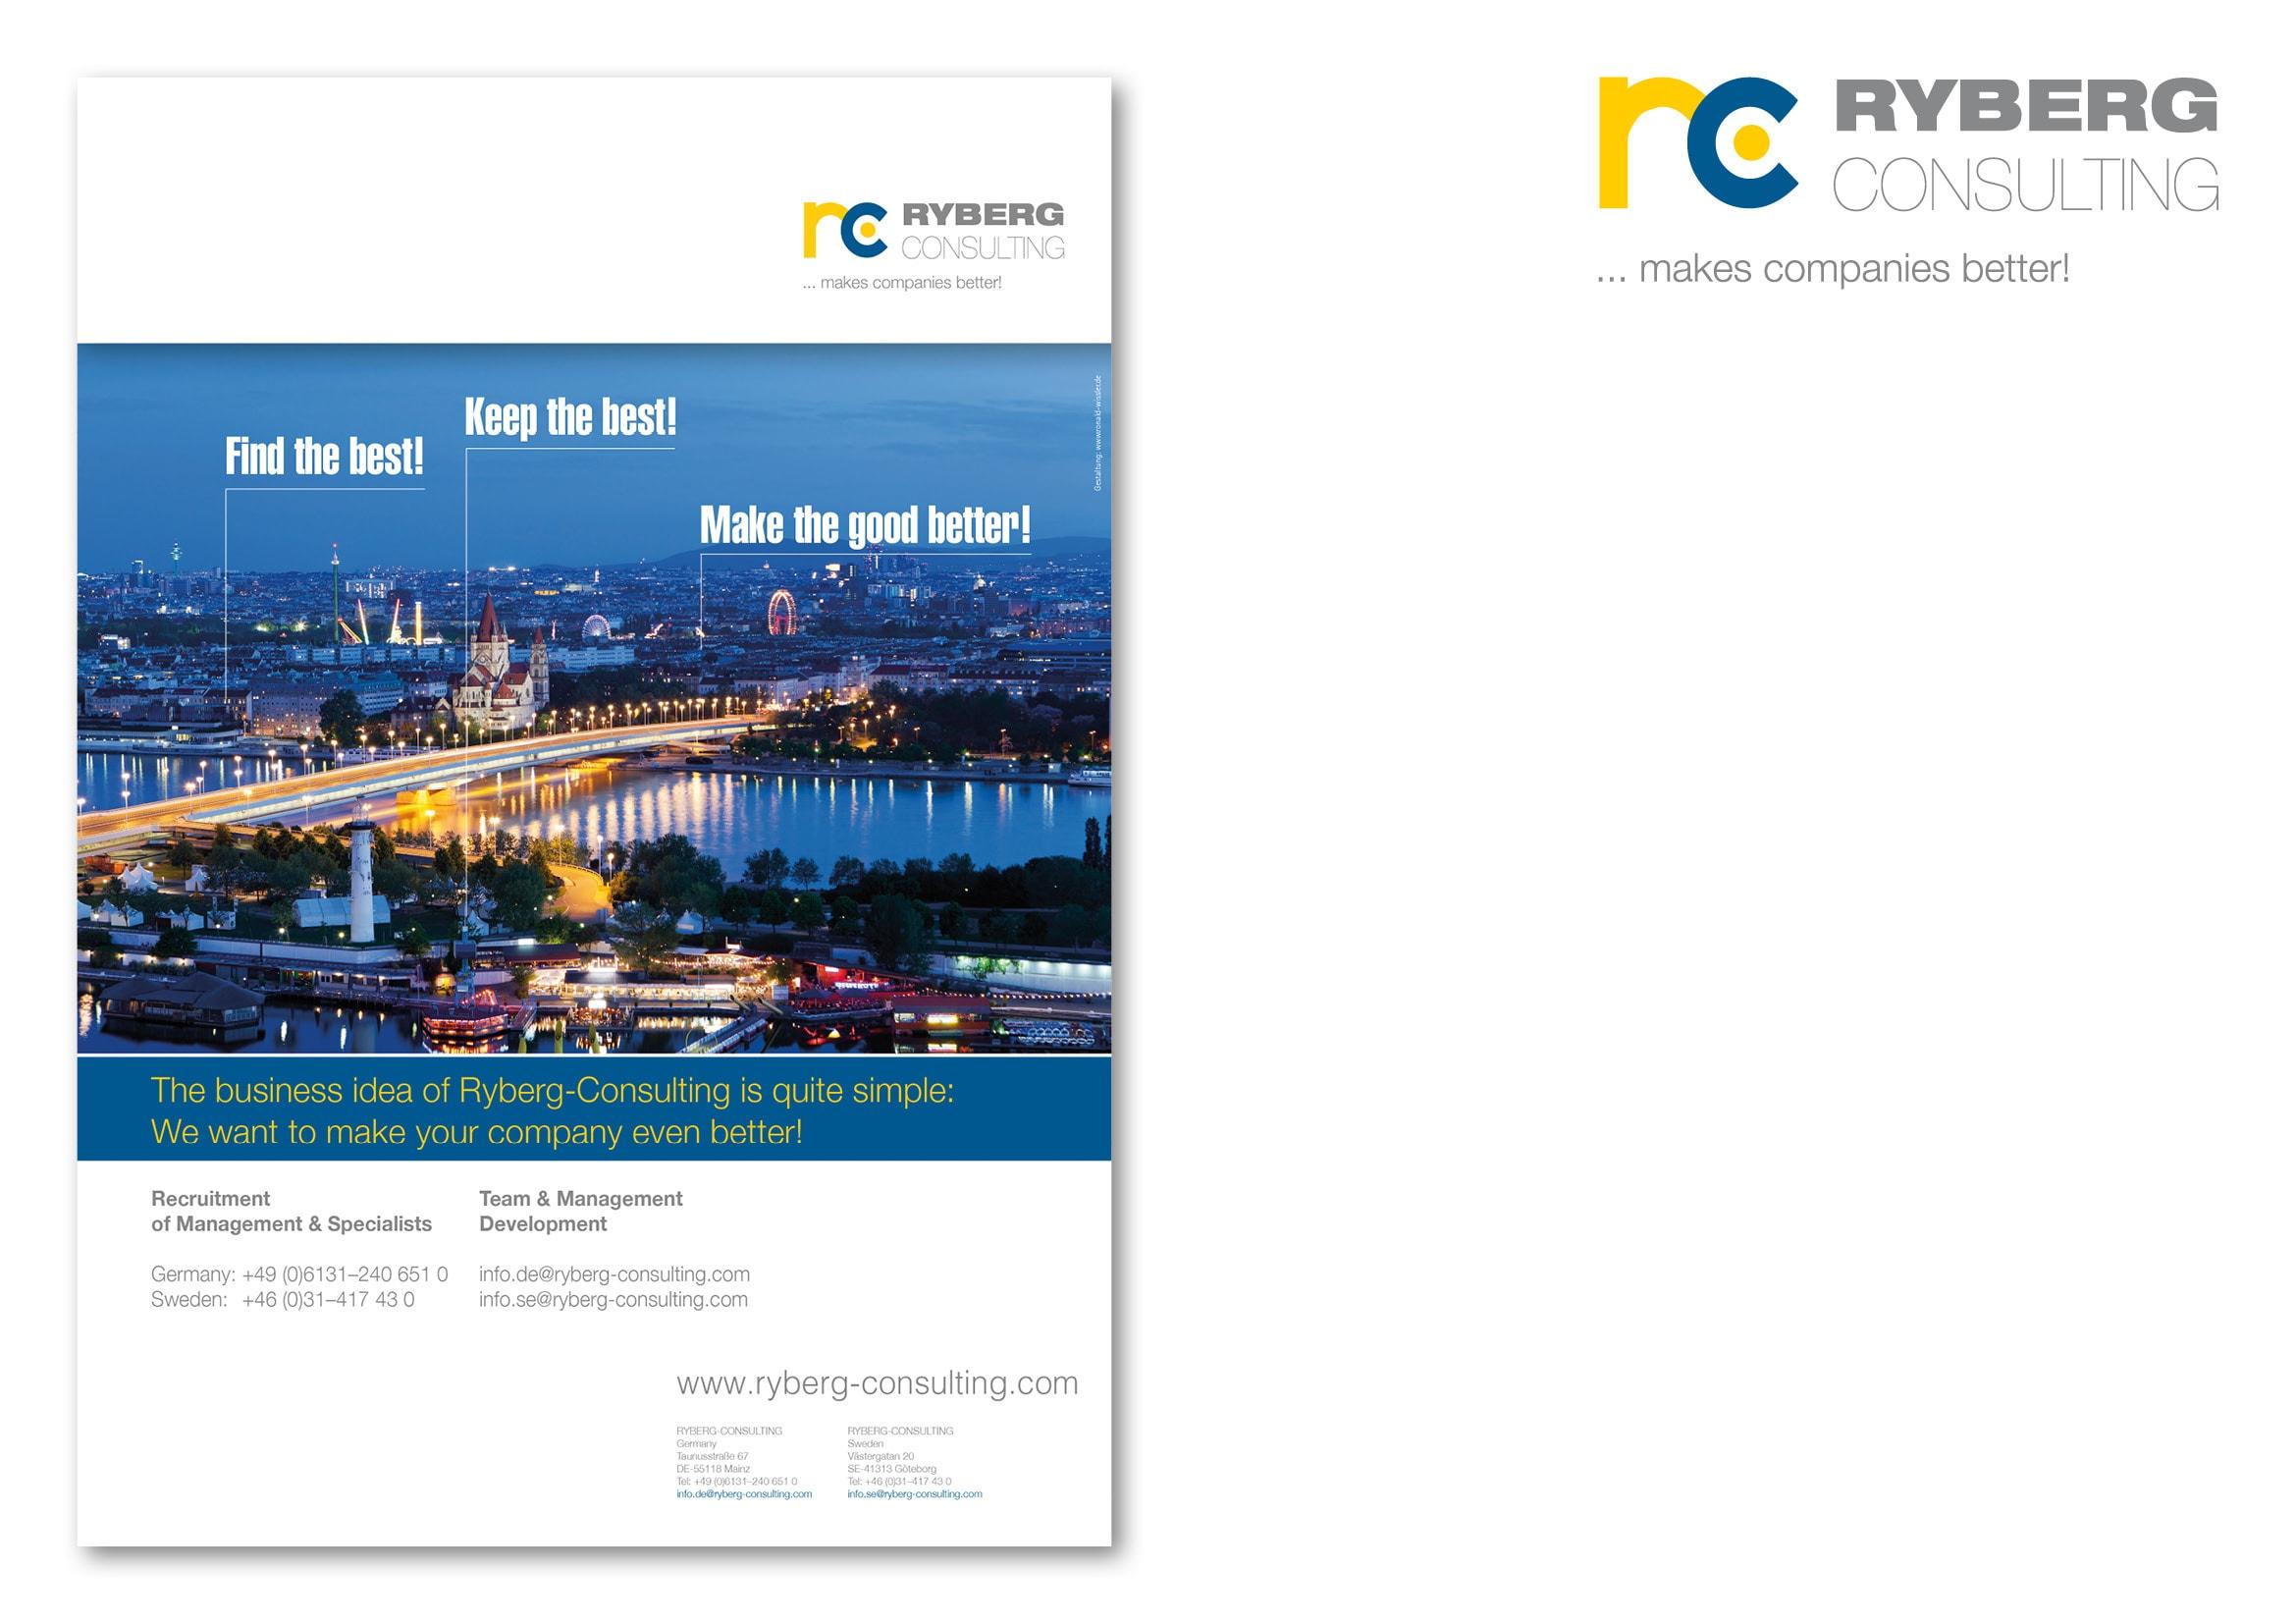 """Entwicklung Anzeigenmotiv Wien für die Anzeigenkampagne """"Find the Best!"""" für die Personalberatung Ryberg Consulting durch Grafik-Designer Ronald Wissler"""